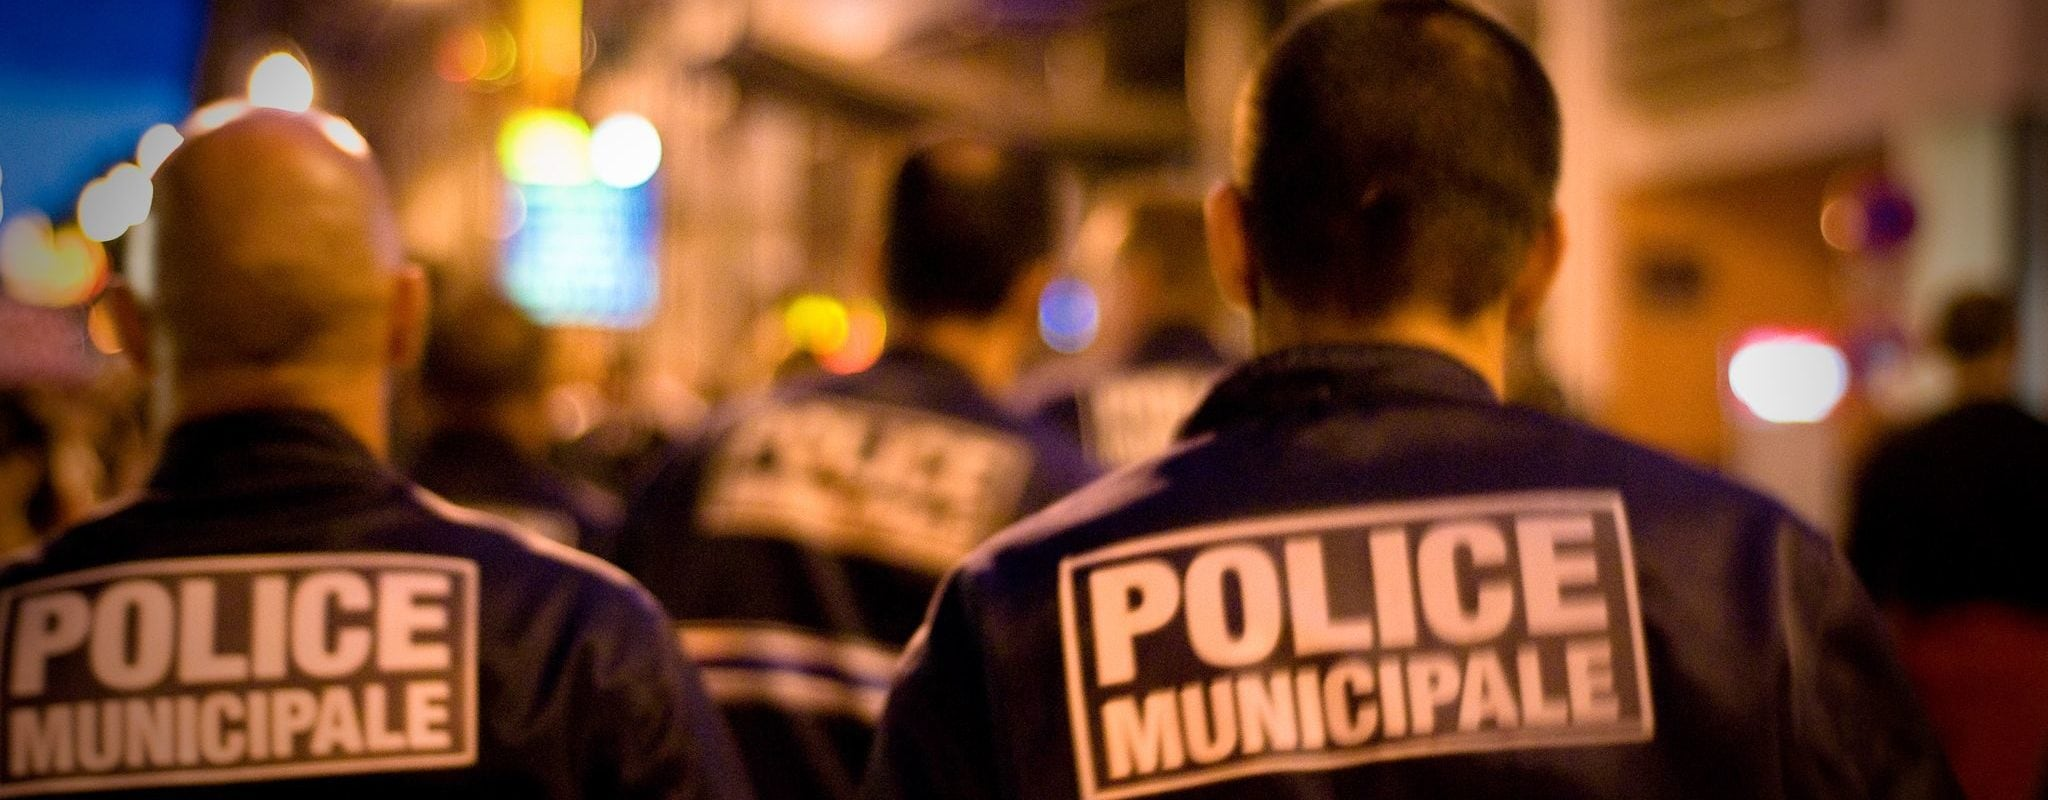 Ancien commando parachutiste, il dénonce le harcèlement moral à la police municipale de Bischheim et se fait virer